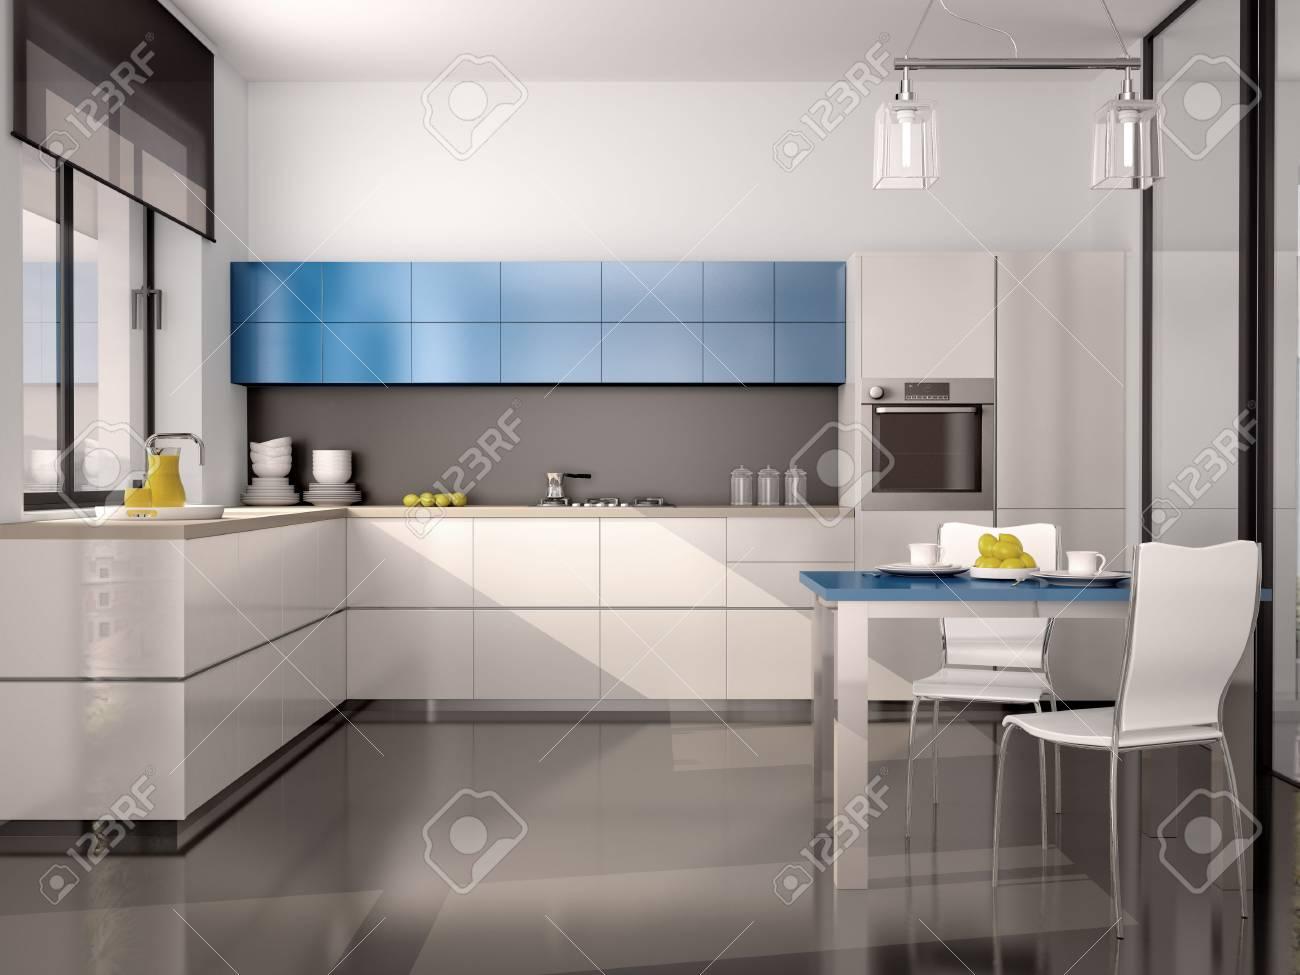 3d Darstellung Des Inneren Der Modernen Kuche In Weiss Blau Grau